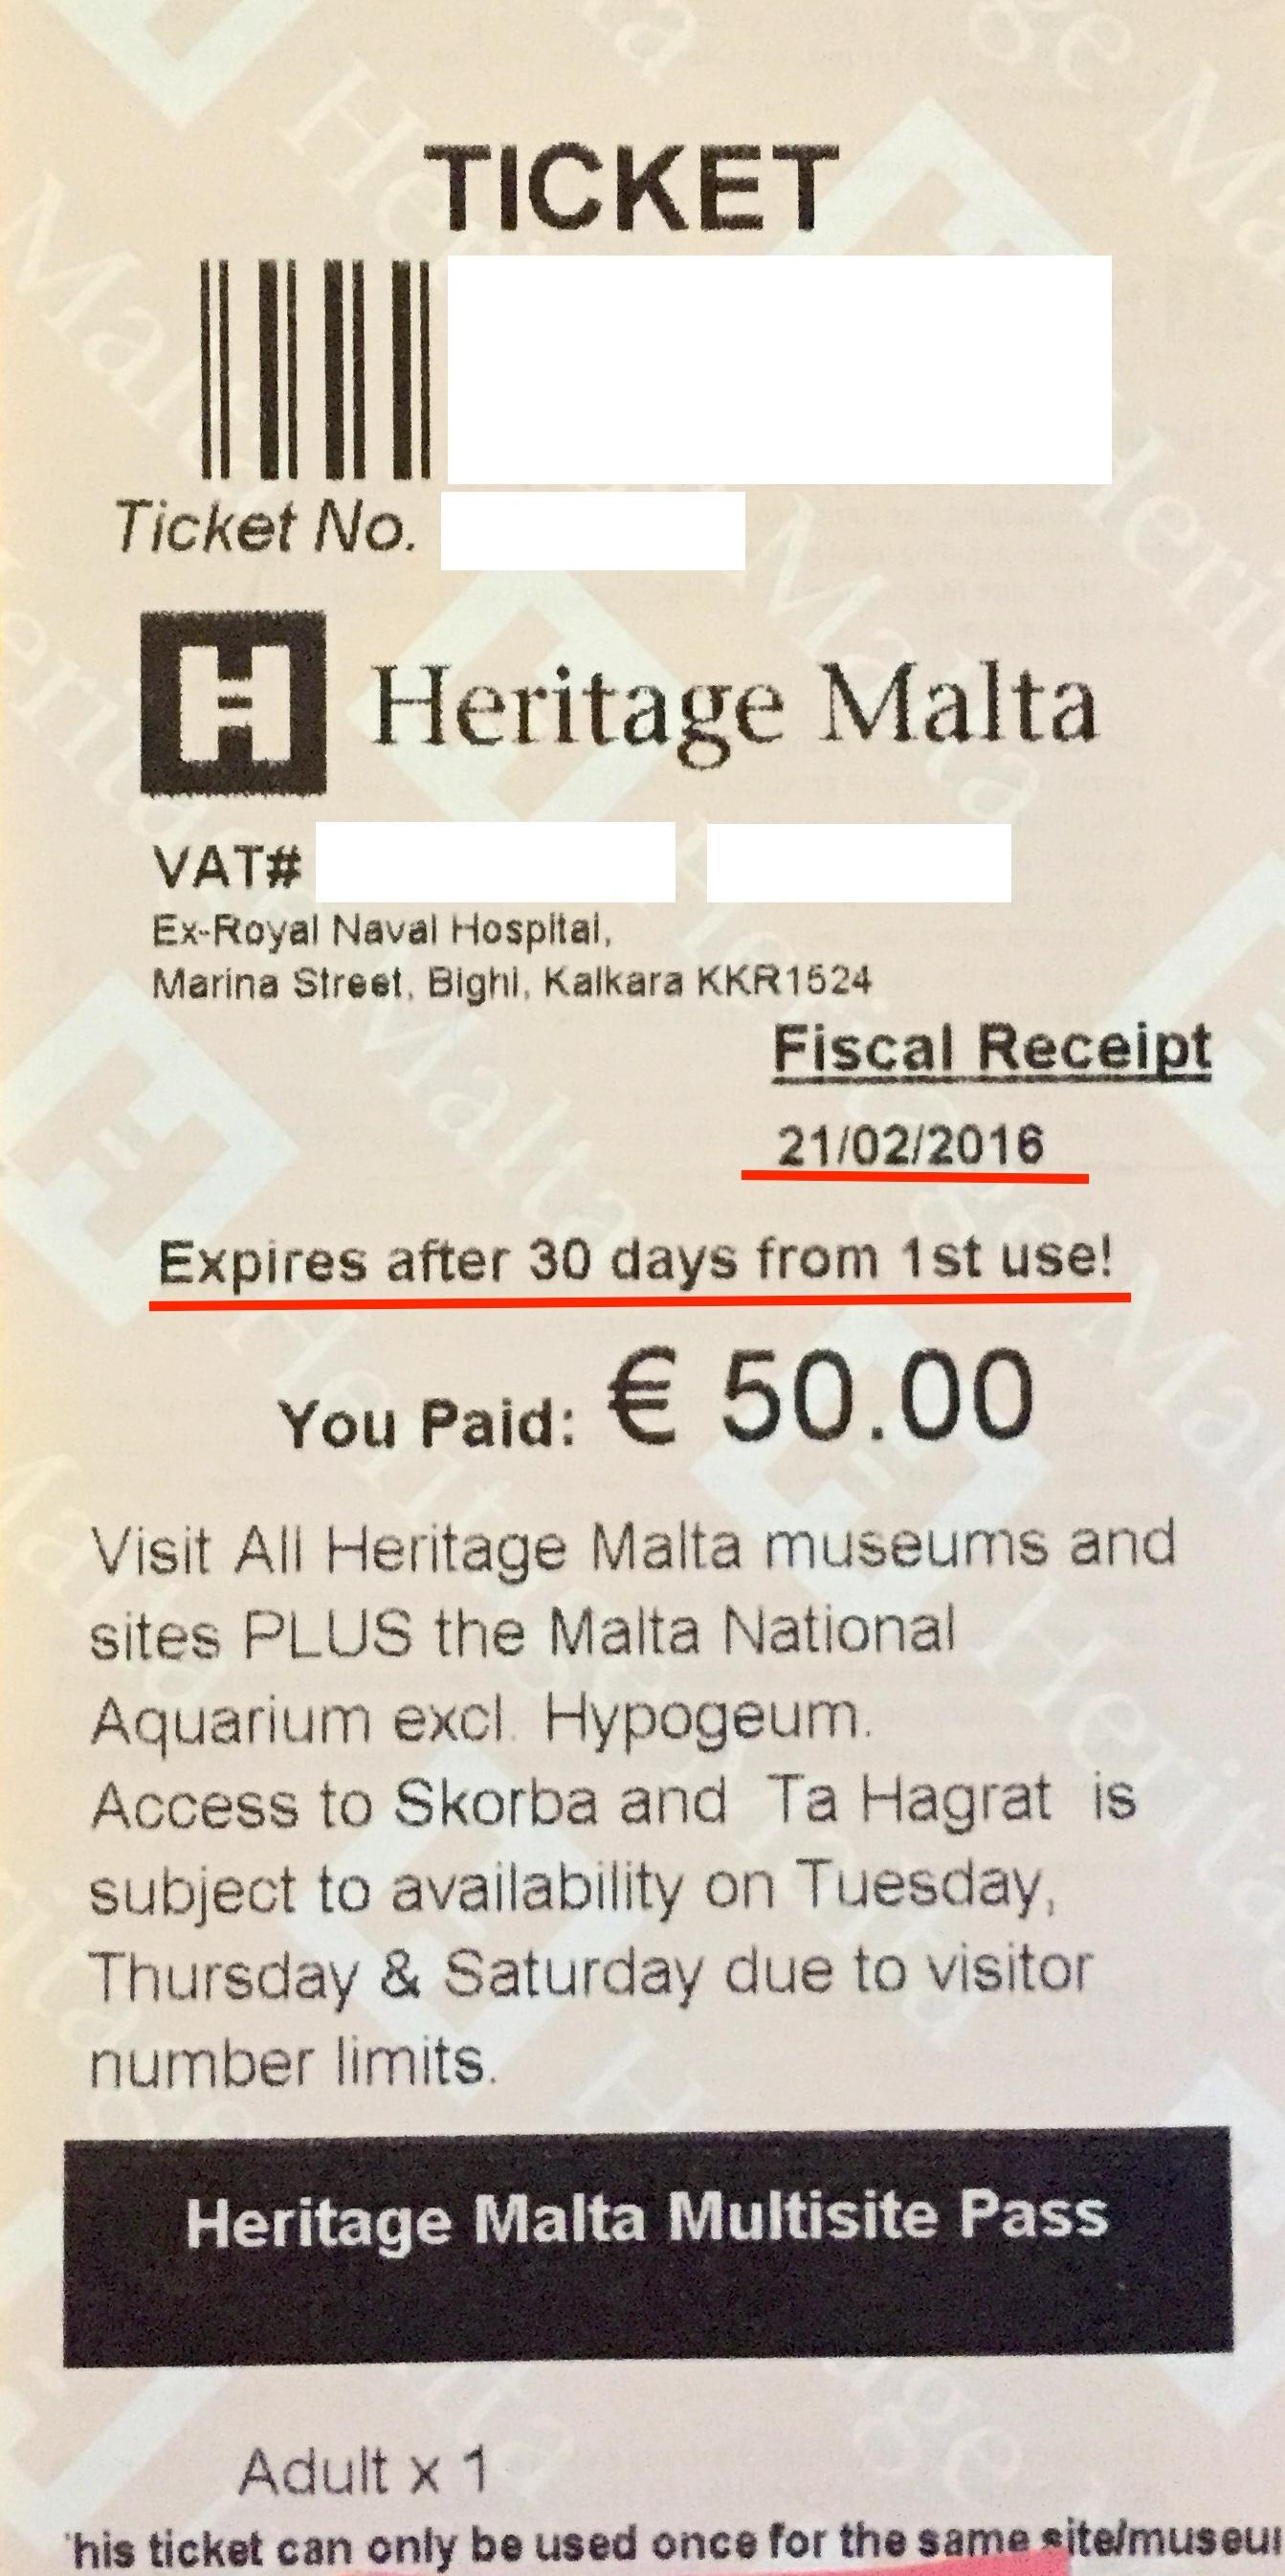 Heritage Malta Multi Pass